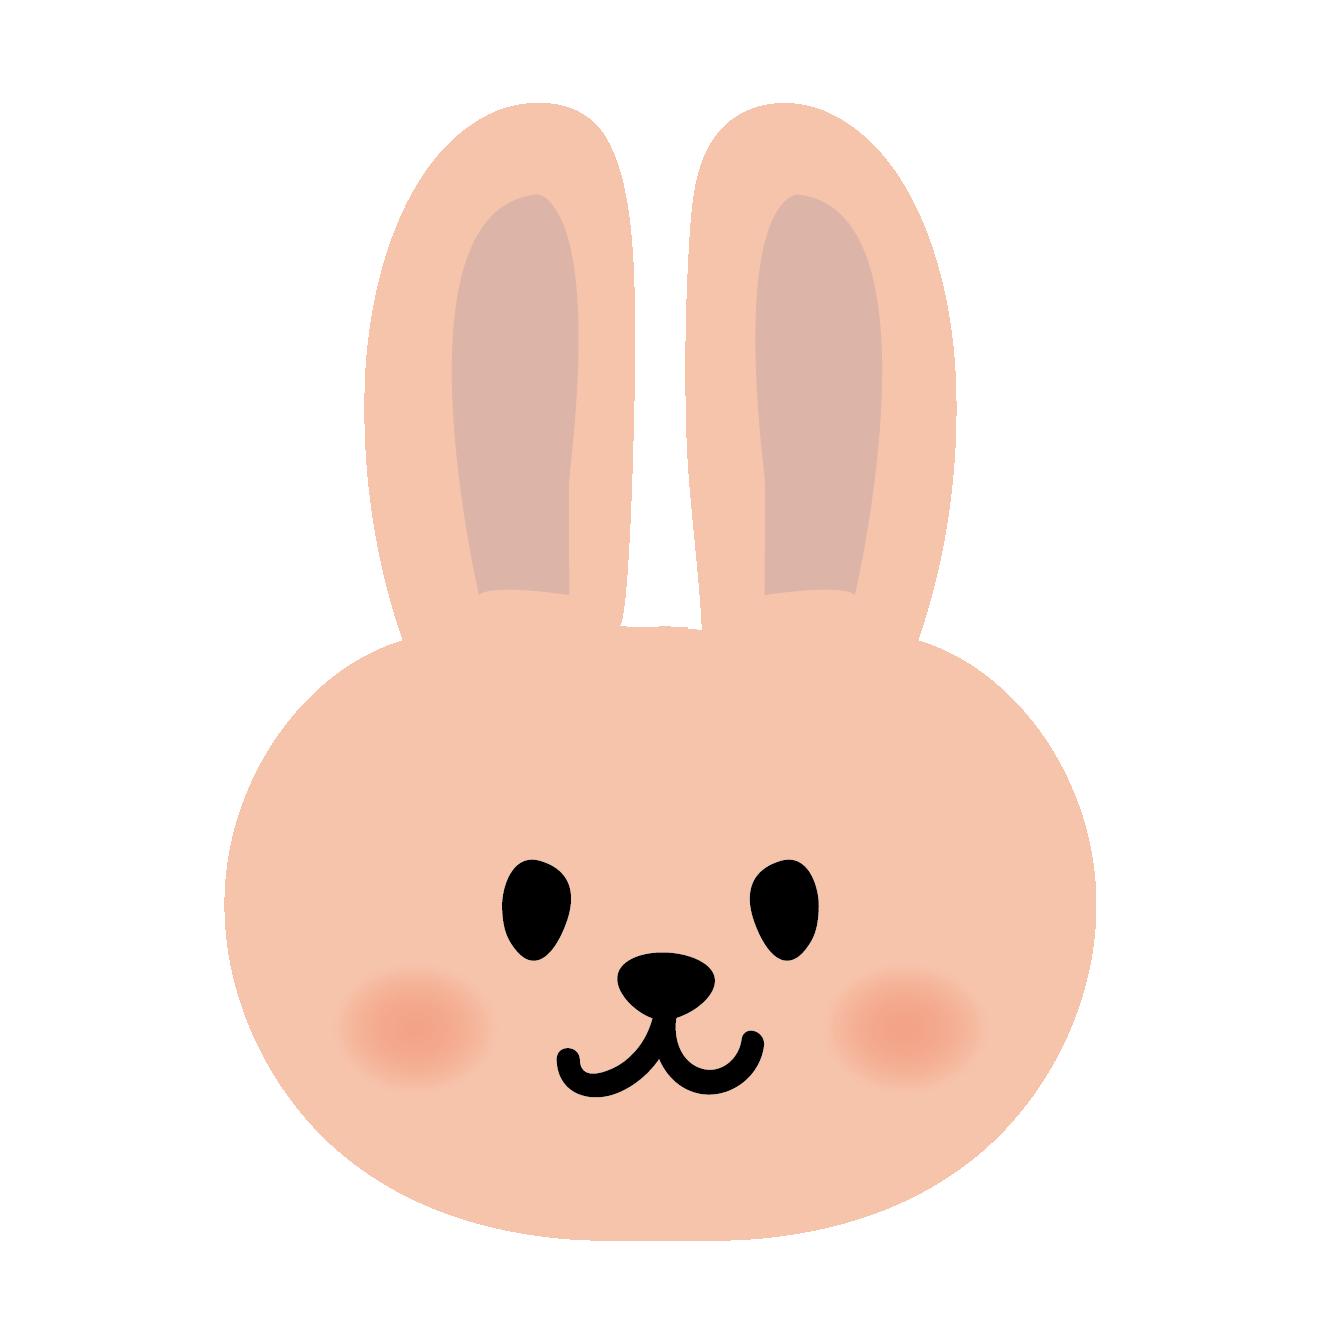 かわいいウサギの顔のアップ イラスト | 商用フリー(無料)のイラスト素材